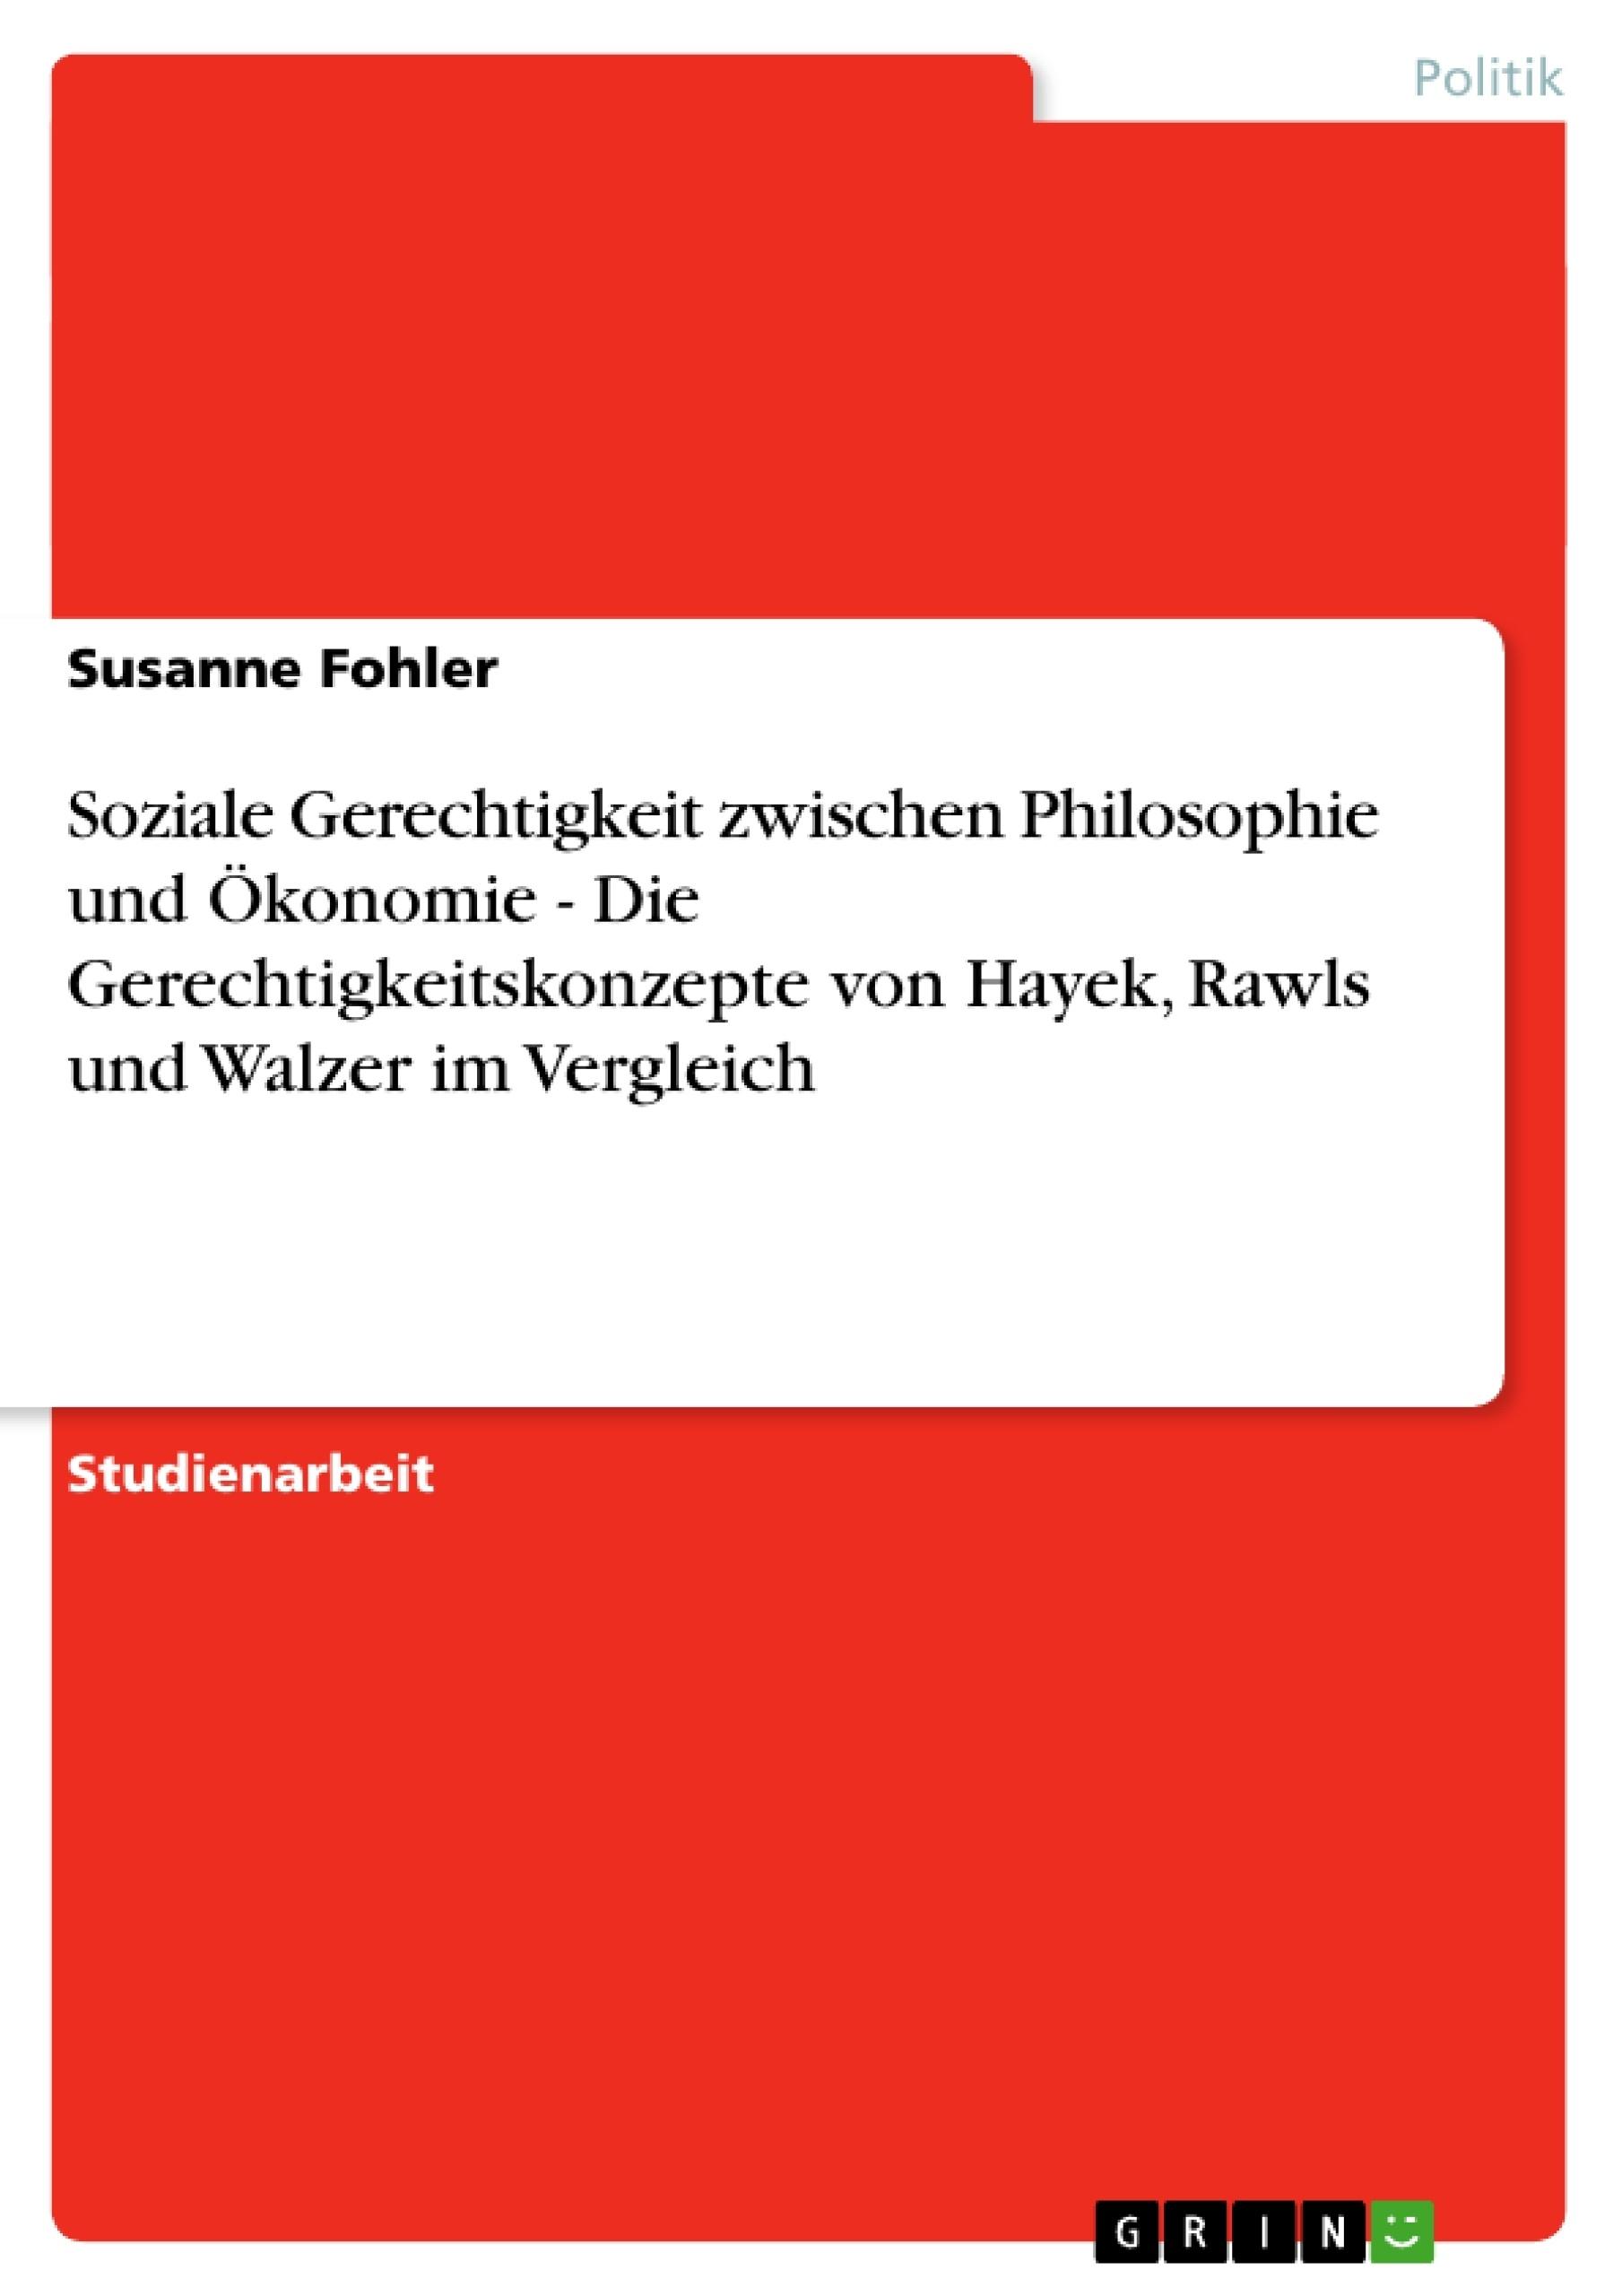 Titel: Soziale Gerechtigkeit zwischen Philosophie und Ökonomie - Die Gerechtigkeitskonzepte von Hayek, Rawls und Walzer im Vergleich